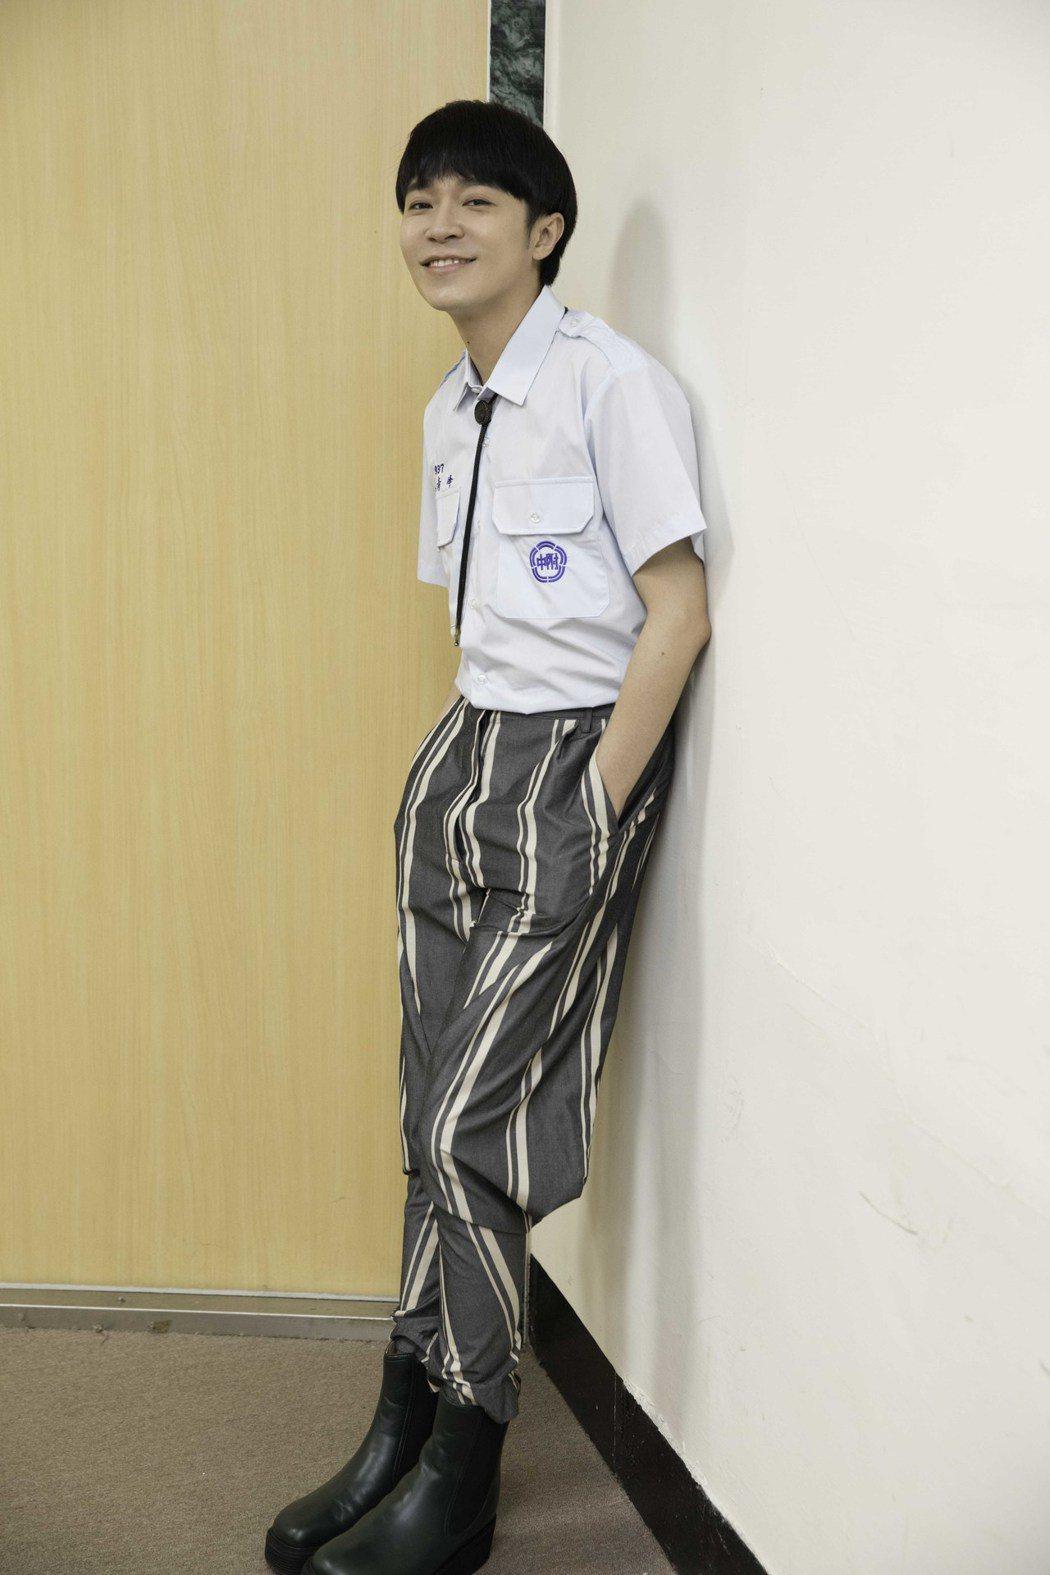 吳青峰37歲生日,穿上高中制服玩穿越。圖/環球音樂提供